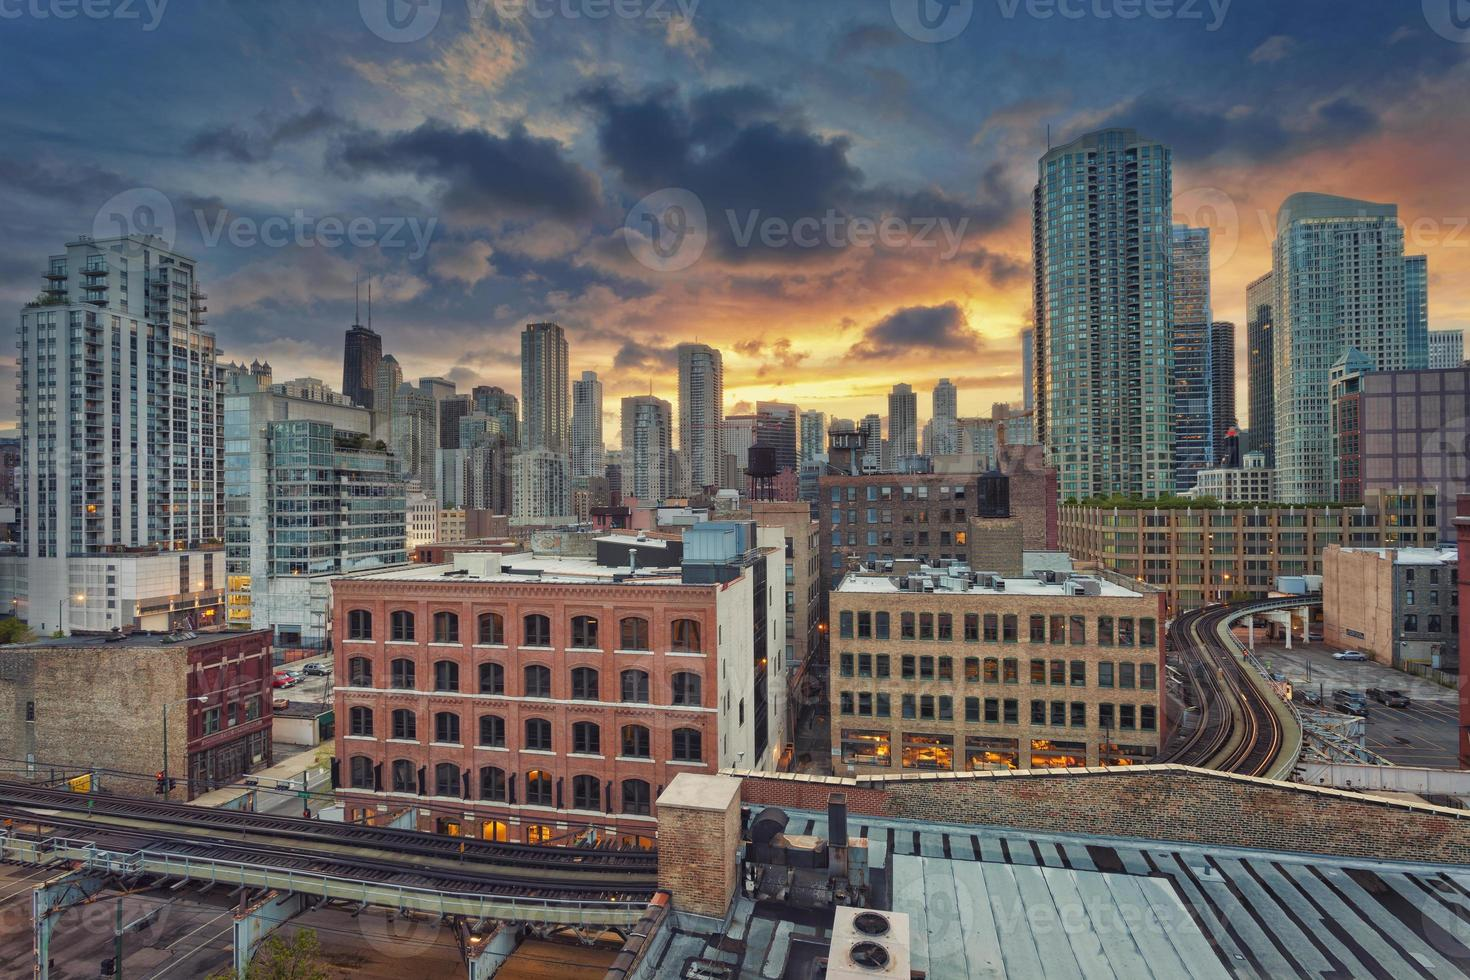 centro di Chicago. foto